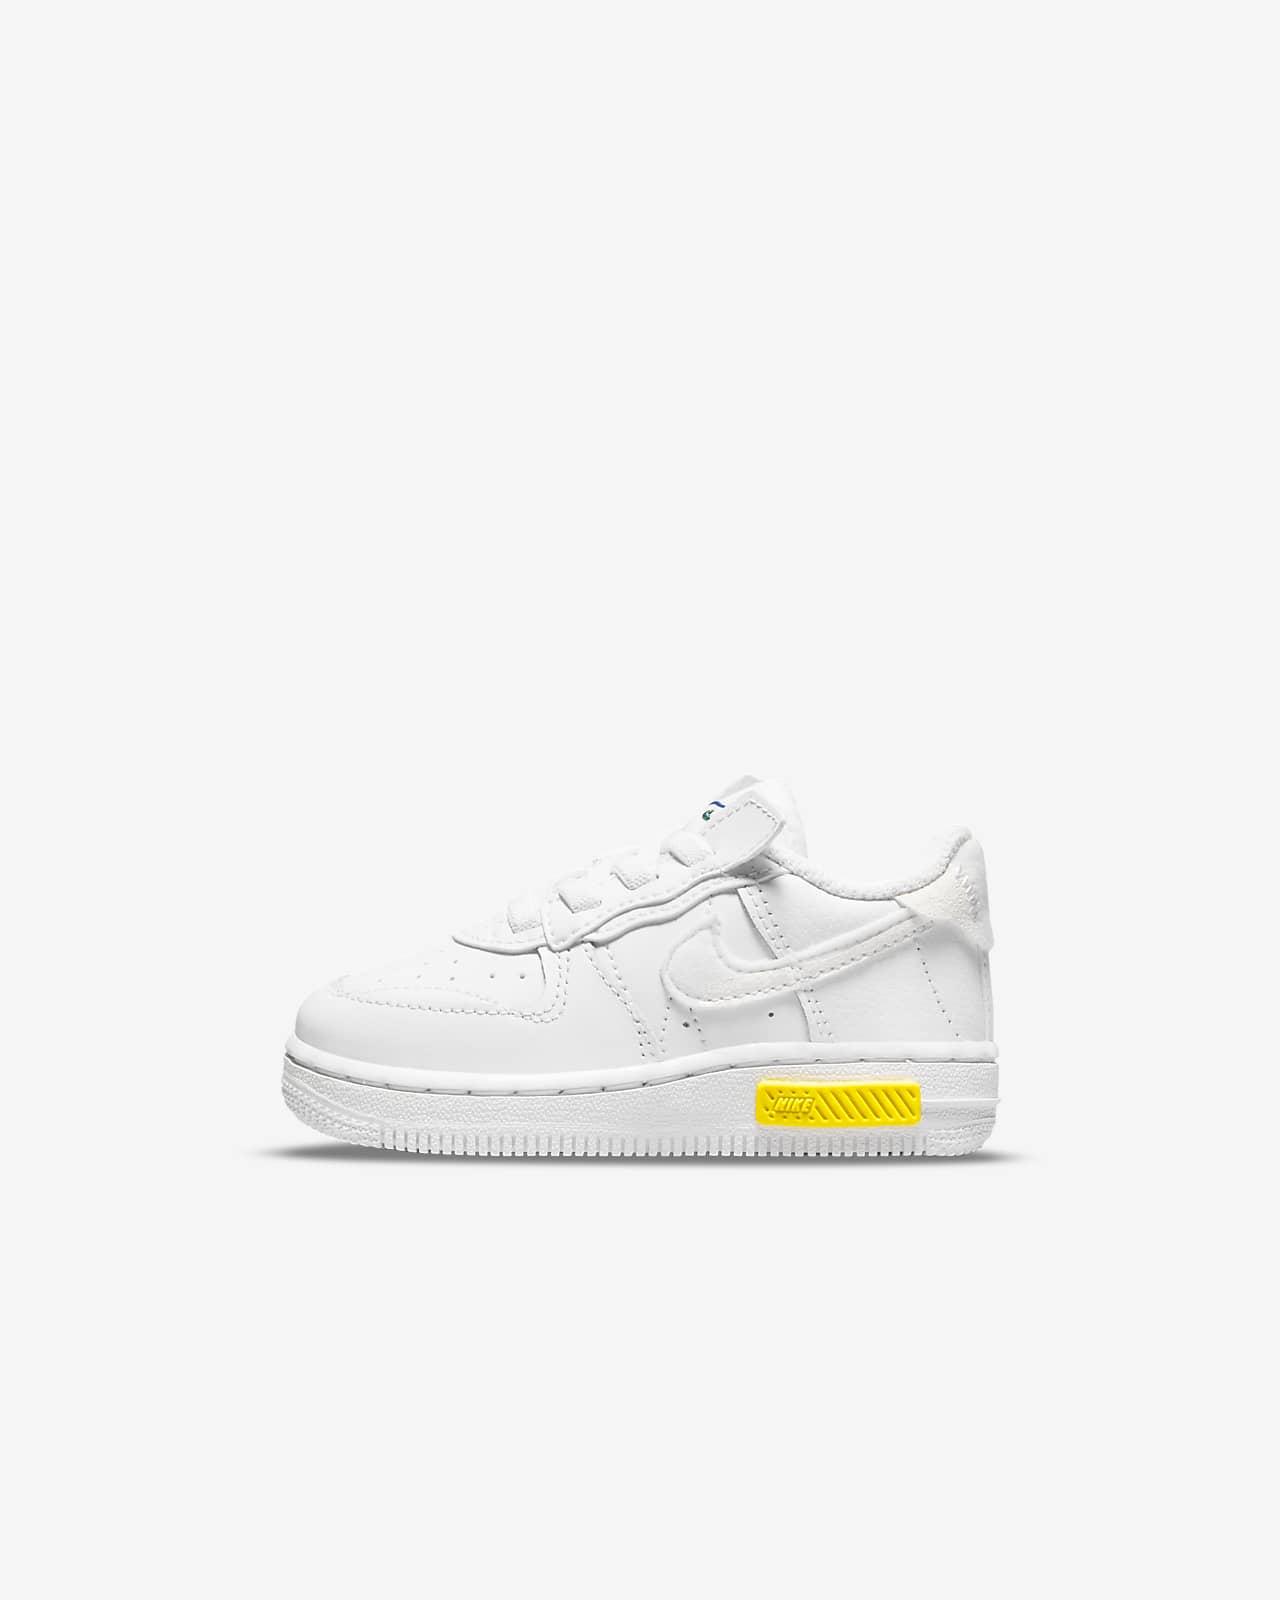 Nike Force 1 Fontanka Baby & Toddler Shoe